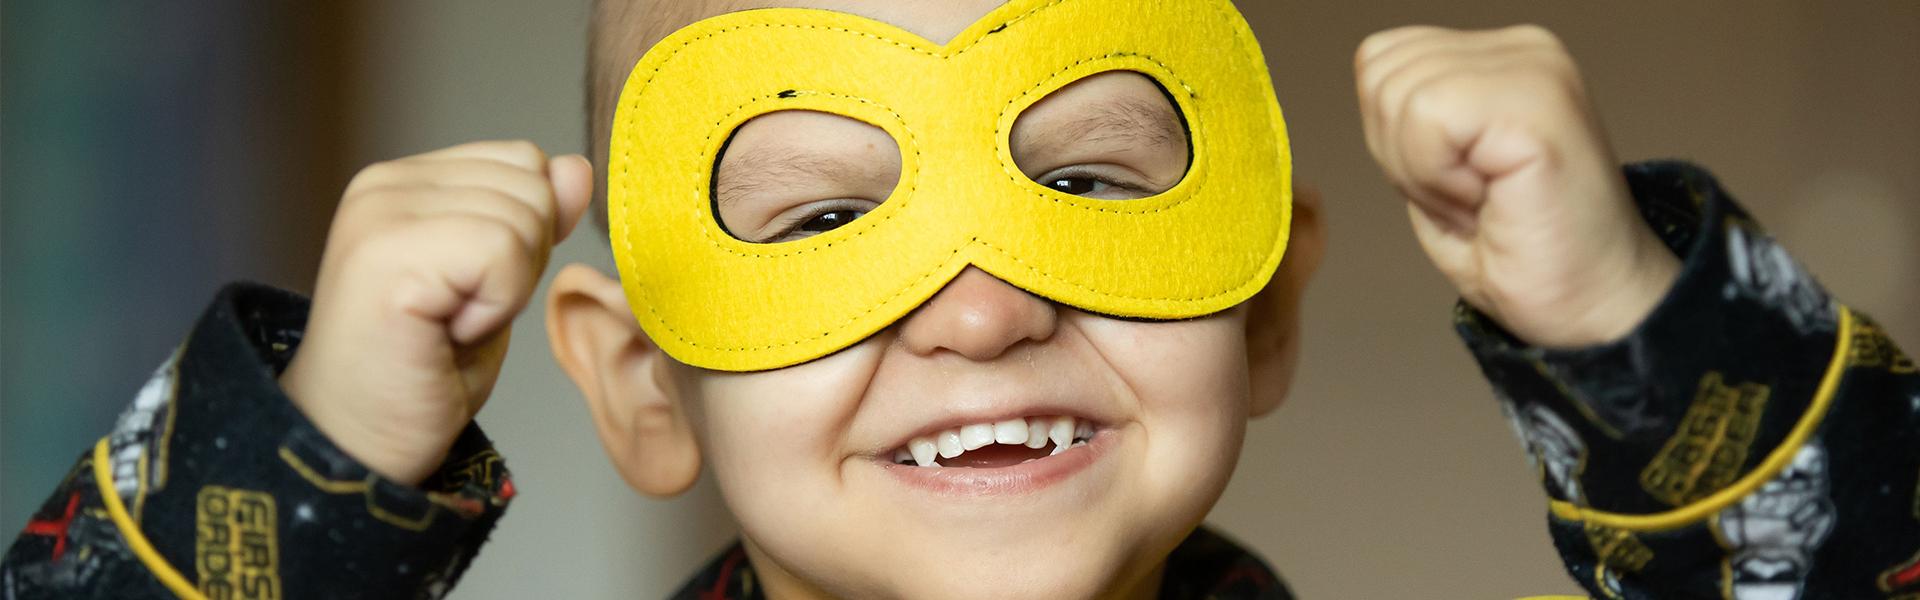 Little boy with superhero mask